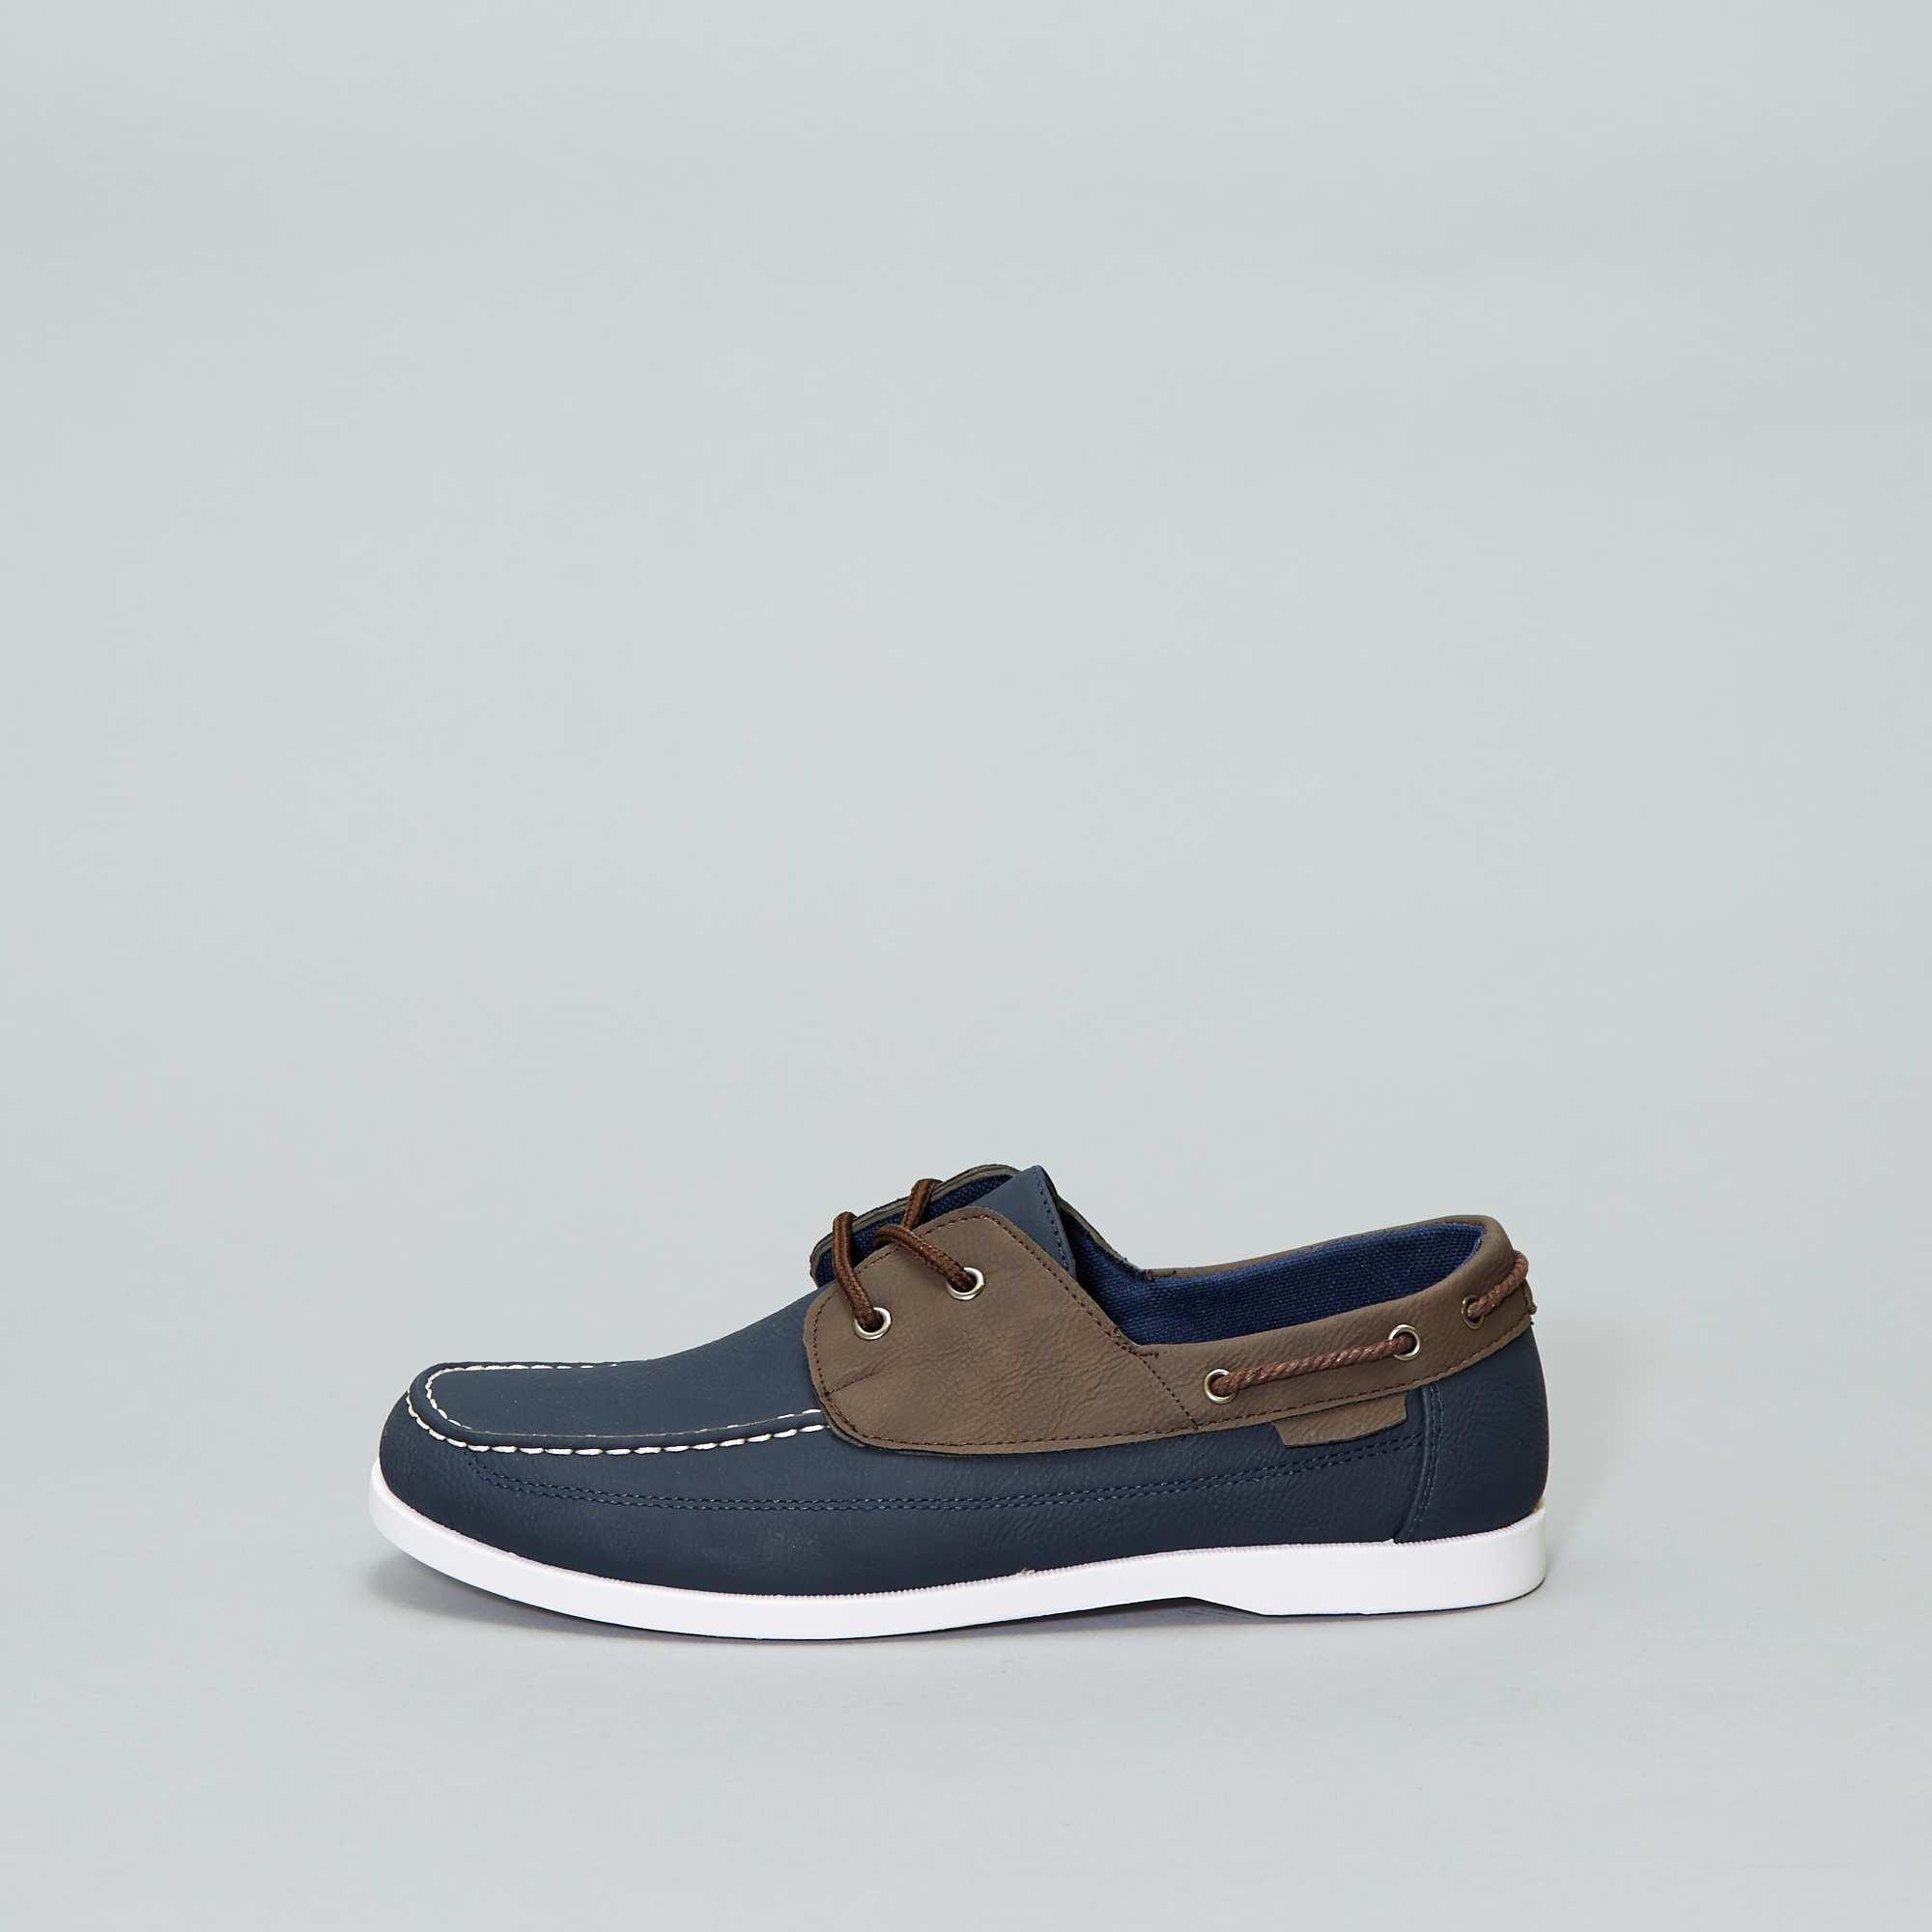 4b01d149db8 Chaussures bateau bicolore Chaussures - bleu navy - Kiabi - 20